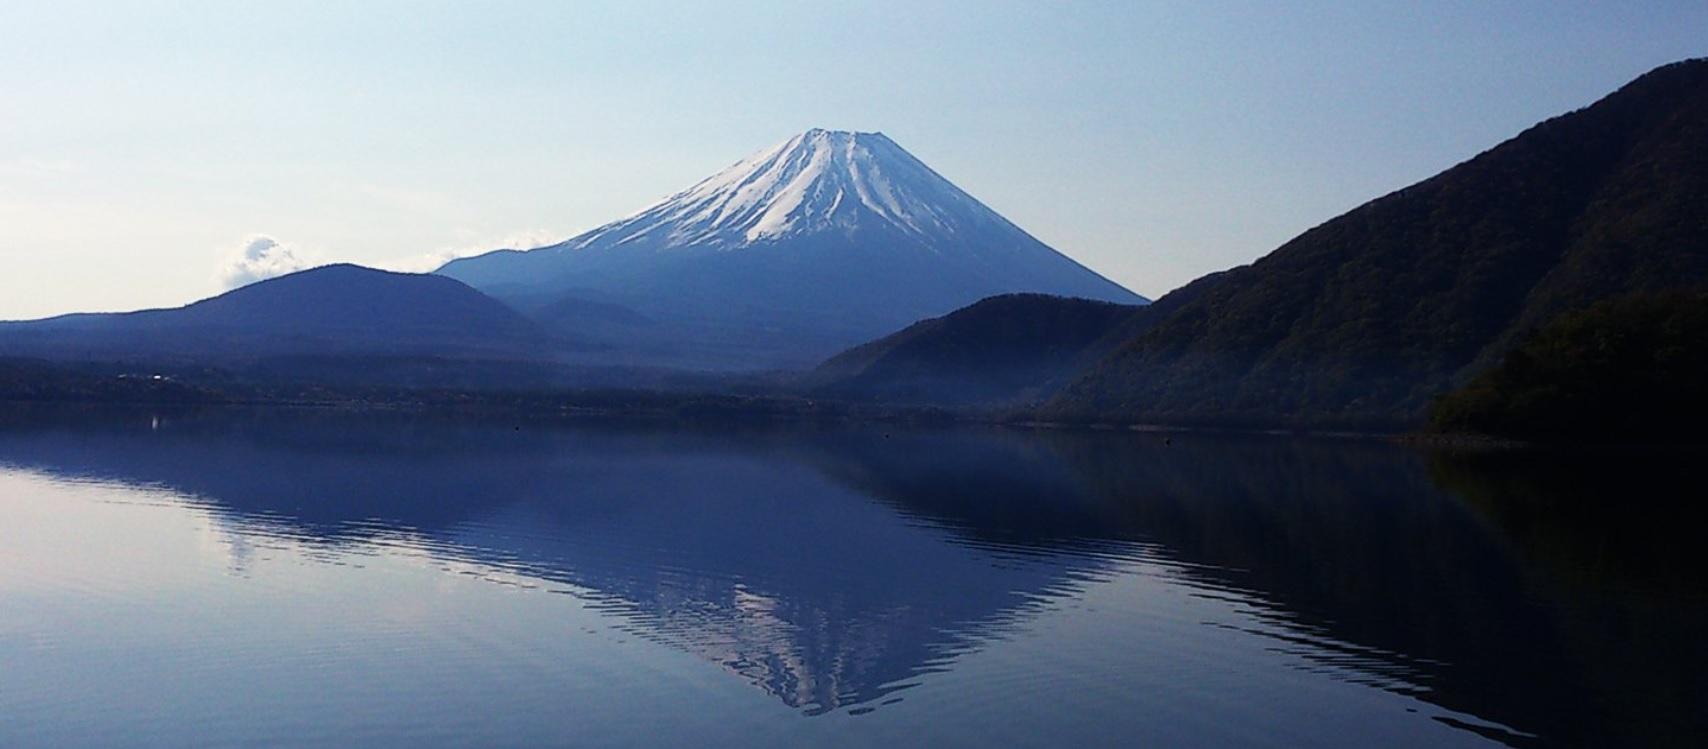 本栖湖の浩庵キャンプ場「ゆるキャン△」1話ネタバレ!ロケ地も巡ろう!